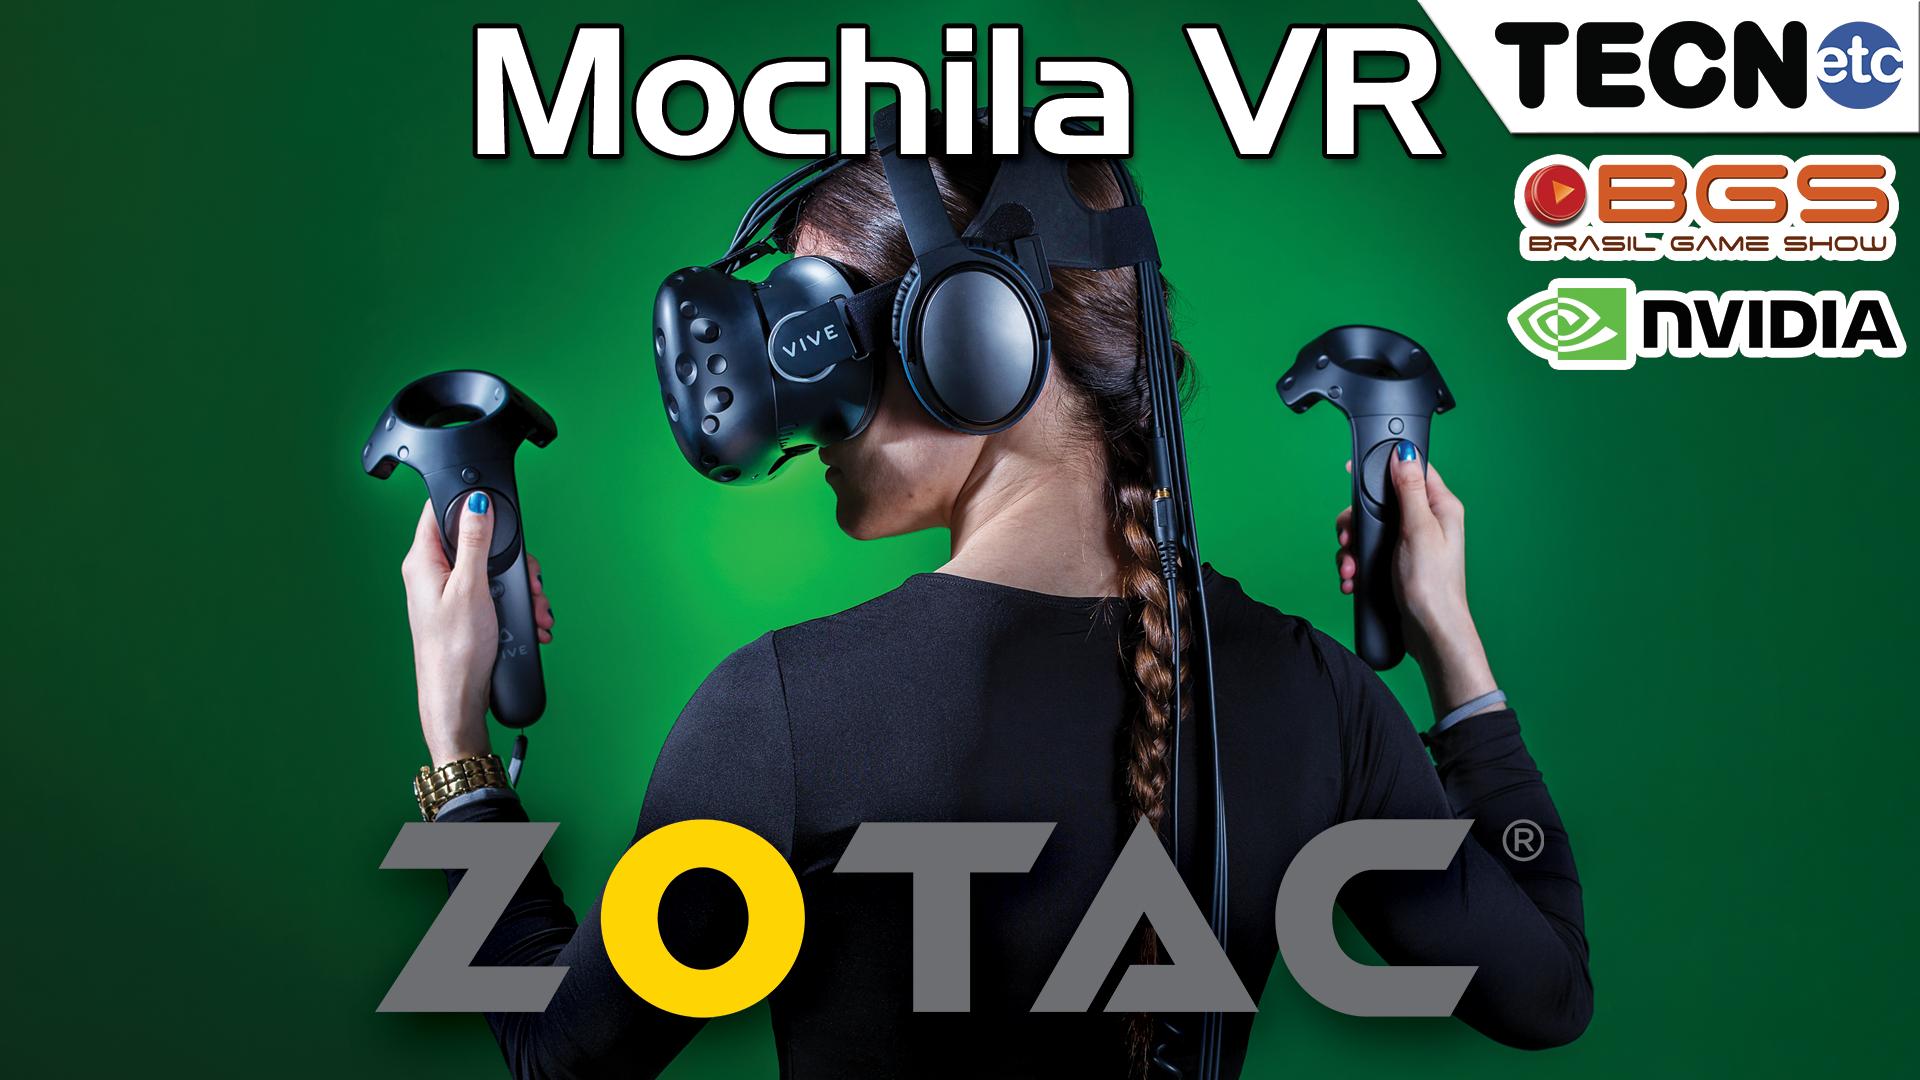 Mochila VR ZOTAC – NVIDIA – BGS 2016